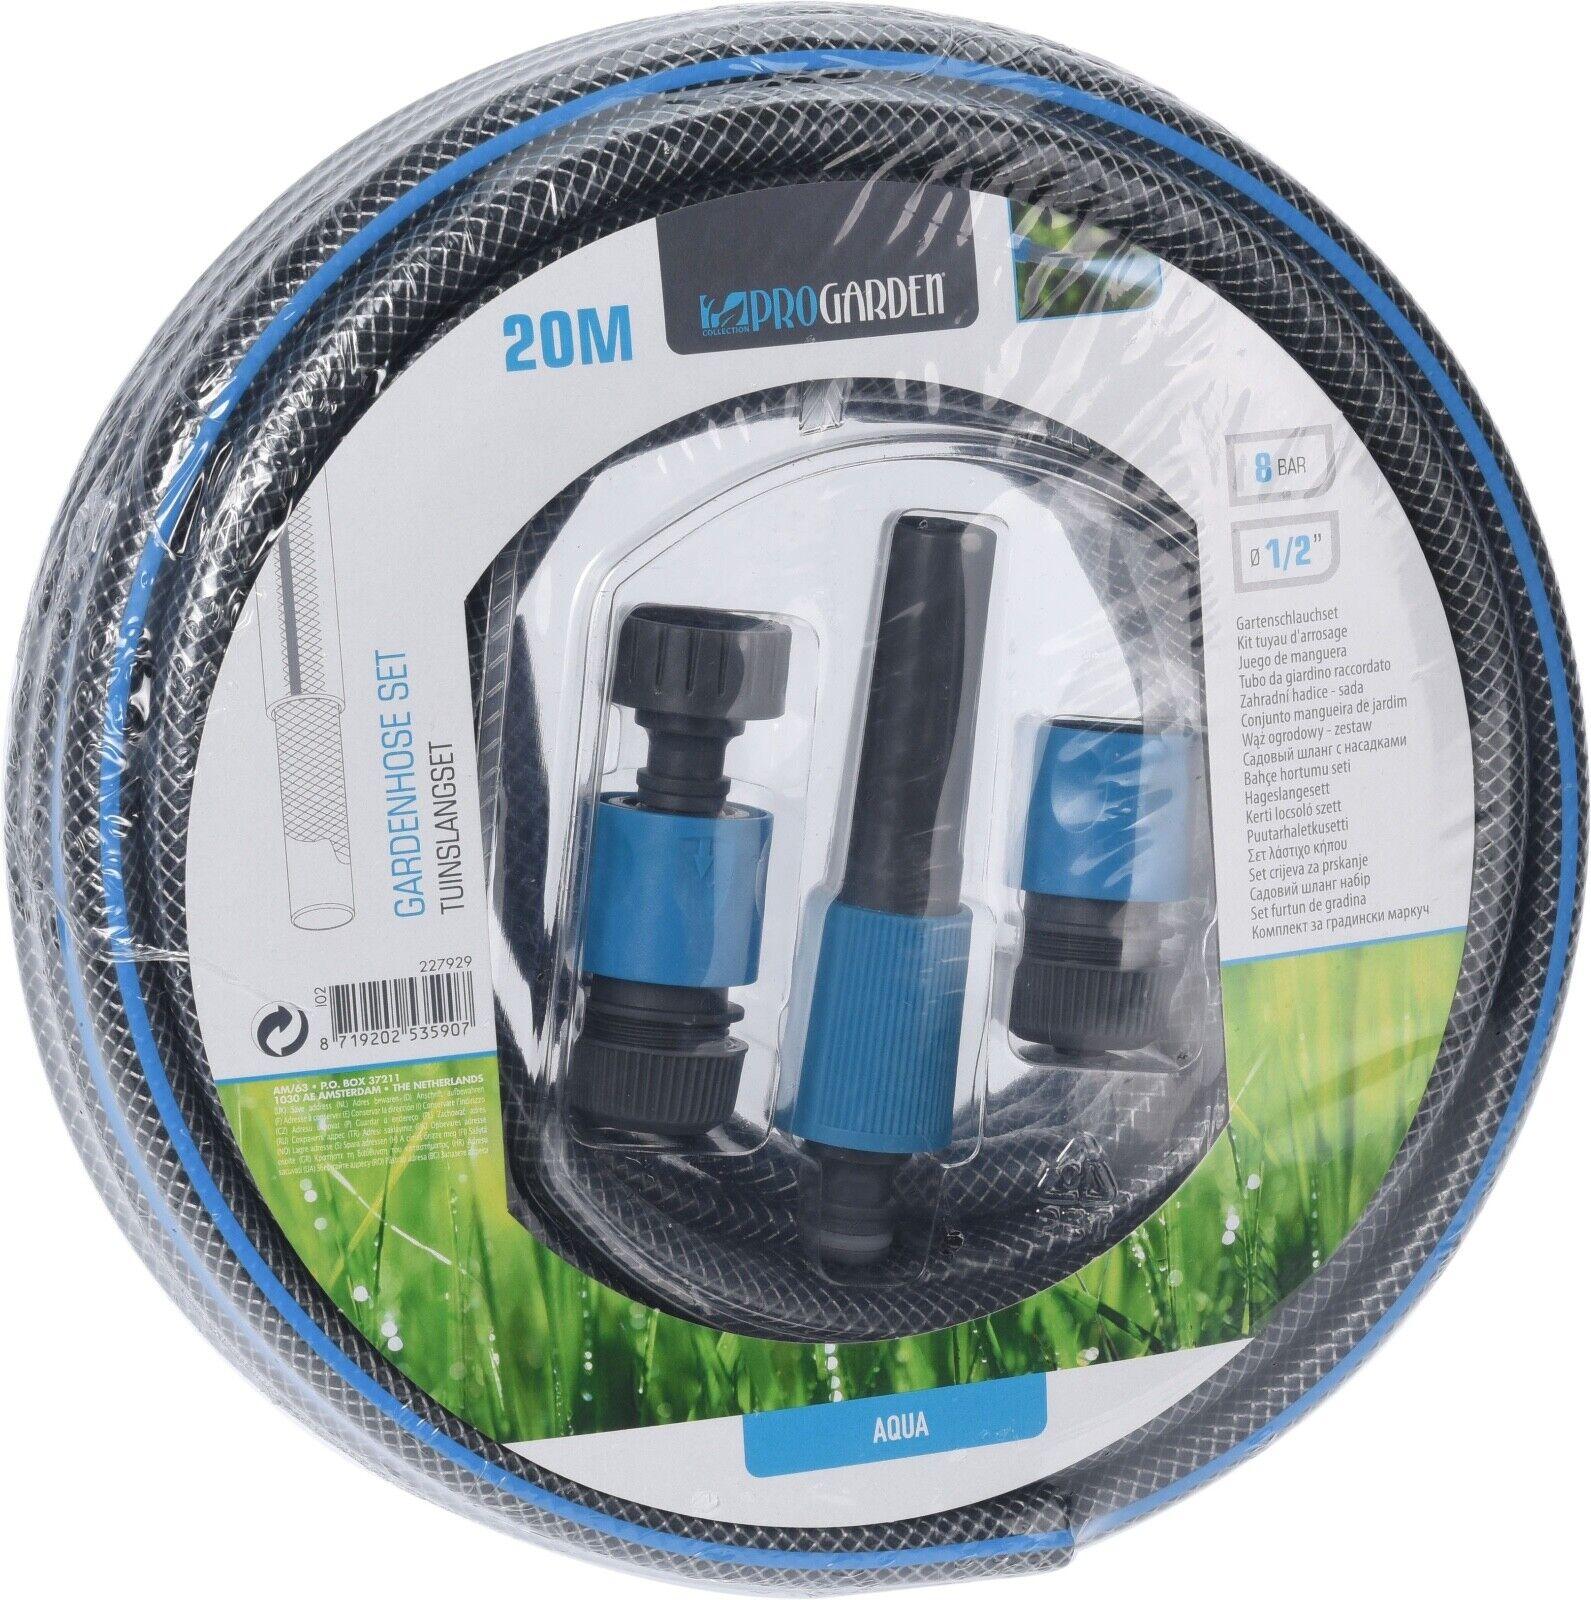 20m Gartenschlauch Set 1/2 Zoll Wasserschlauch 5 teilig Bewässerung 1m-Muster